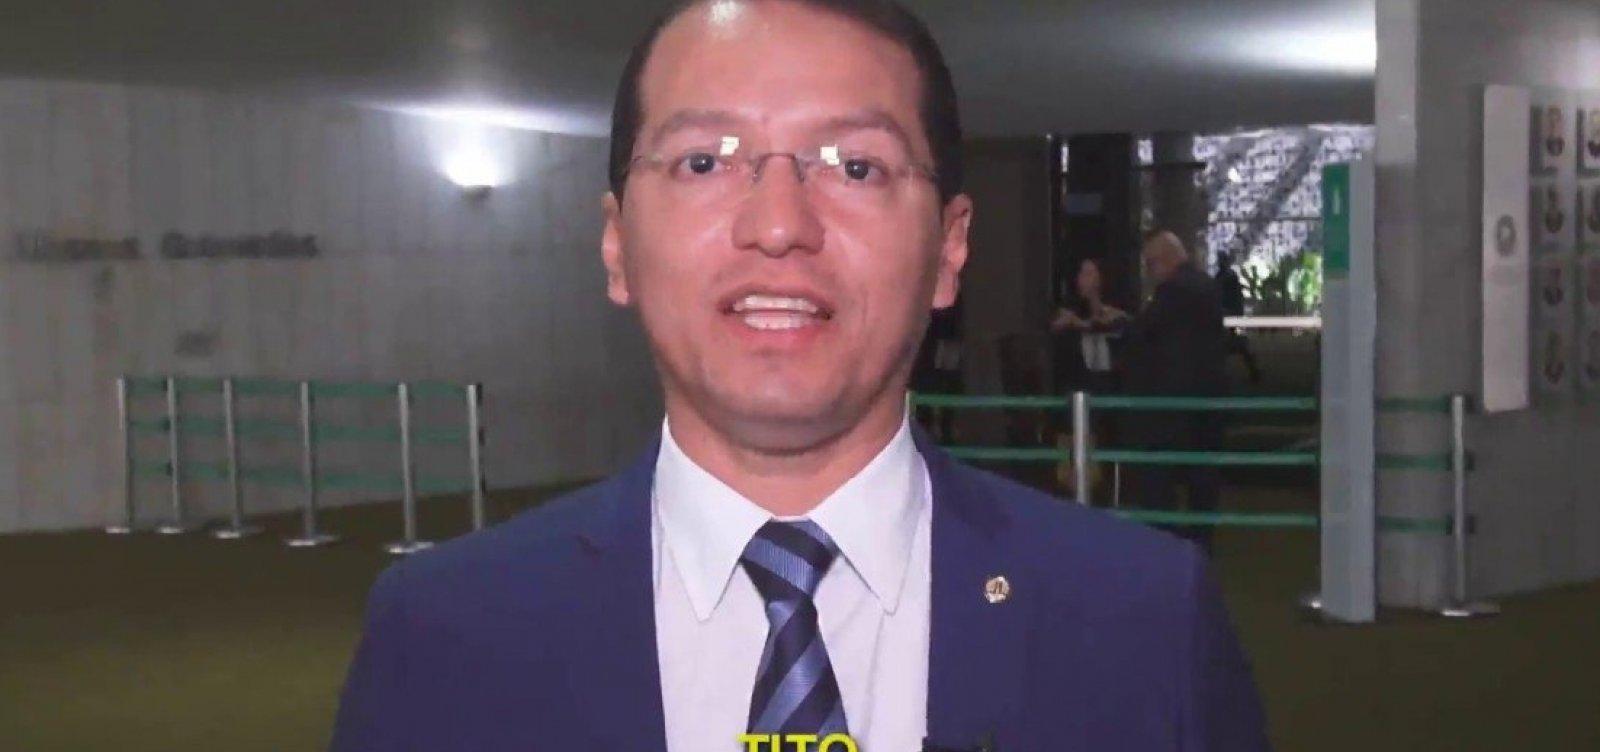 [Deputado baiano votou contra projeto que torna crime provocar rompimento de barragem por negligência]